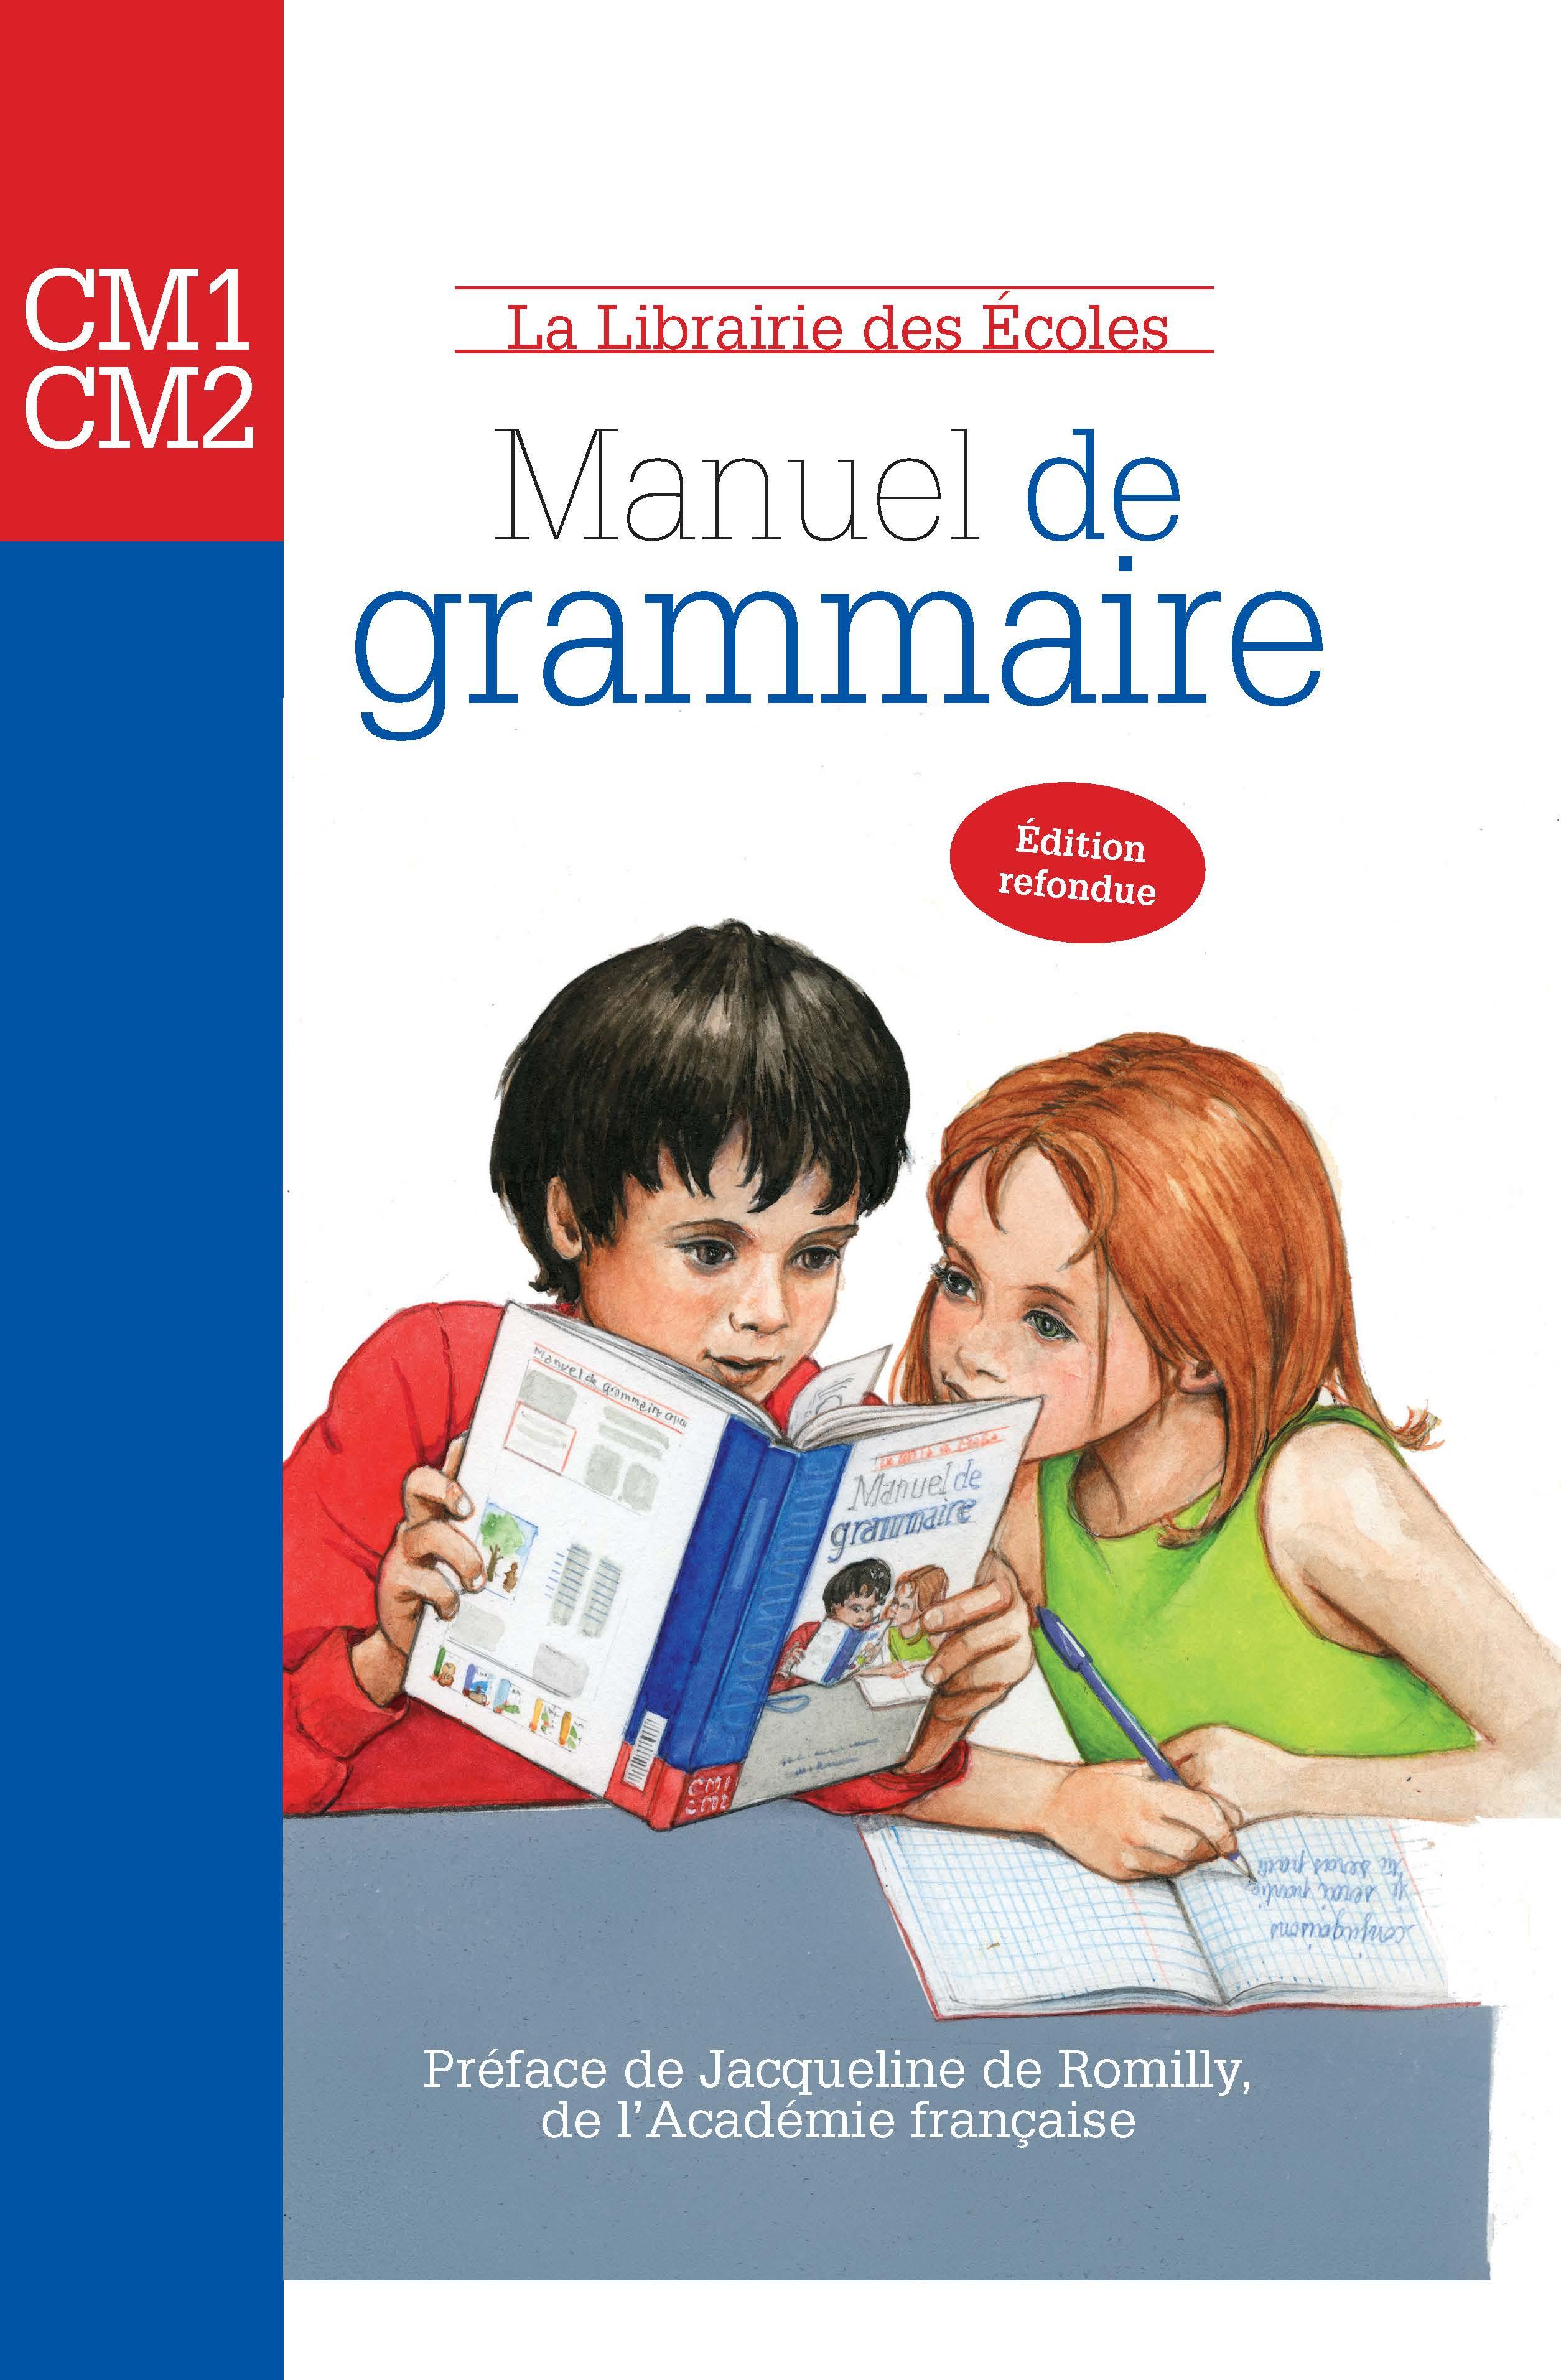 manuel de grammaire - cm1-cm2